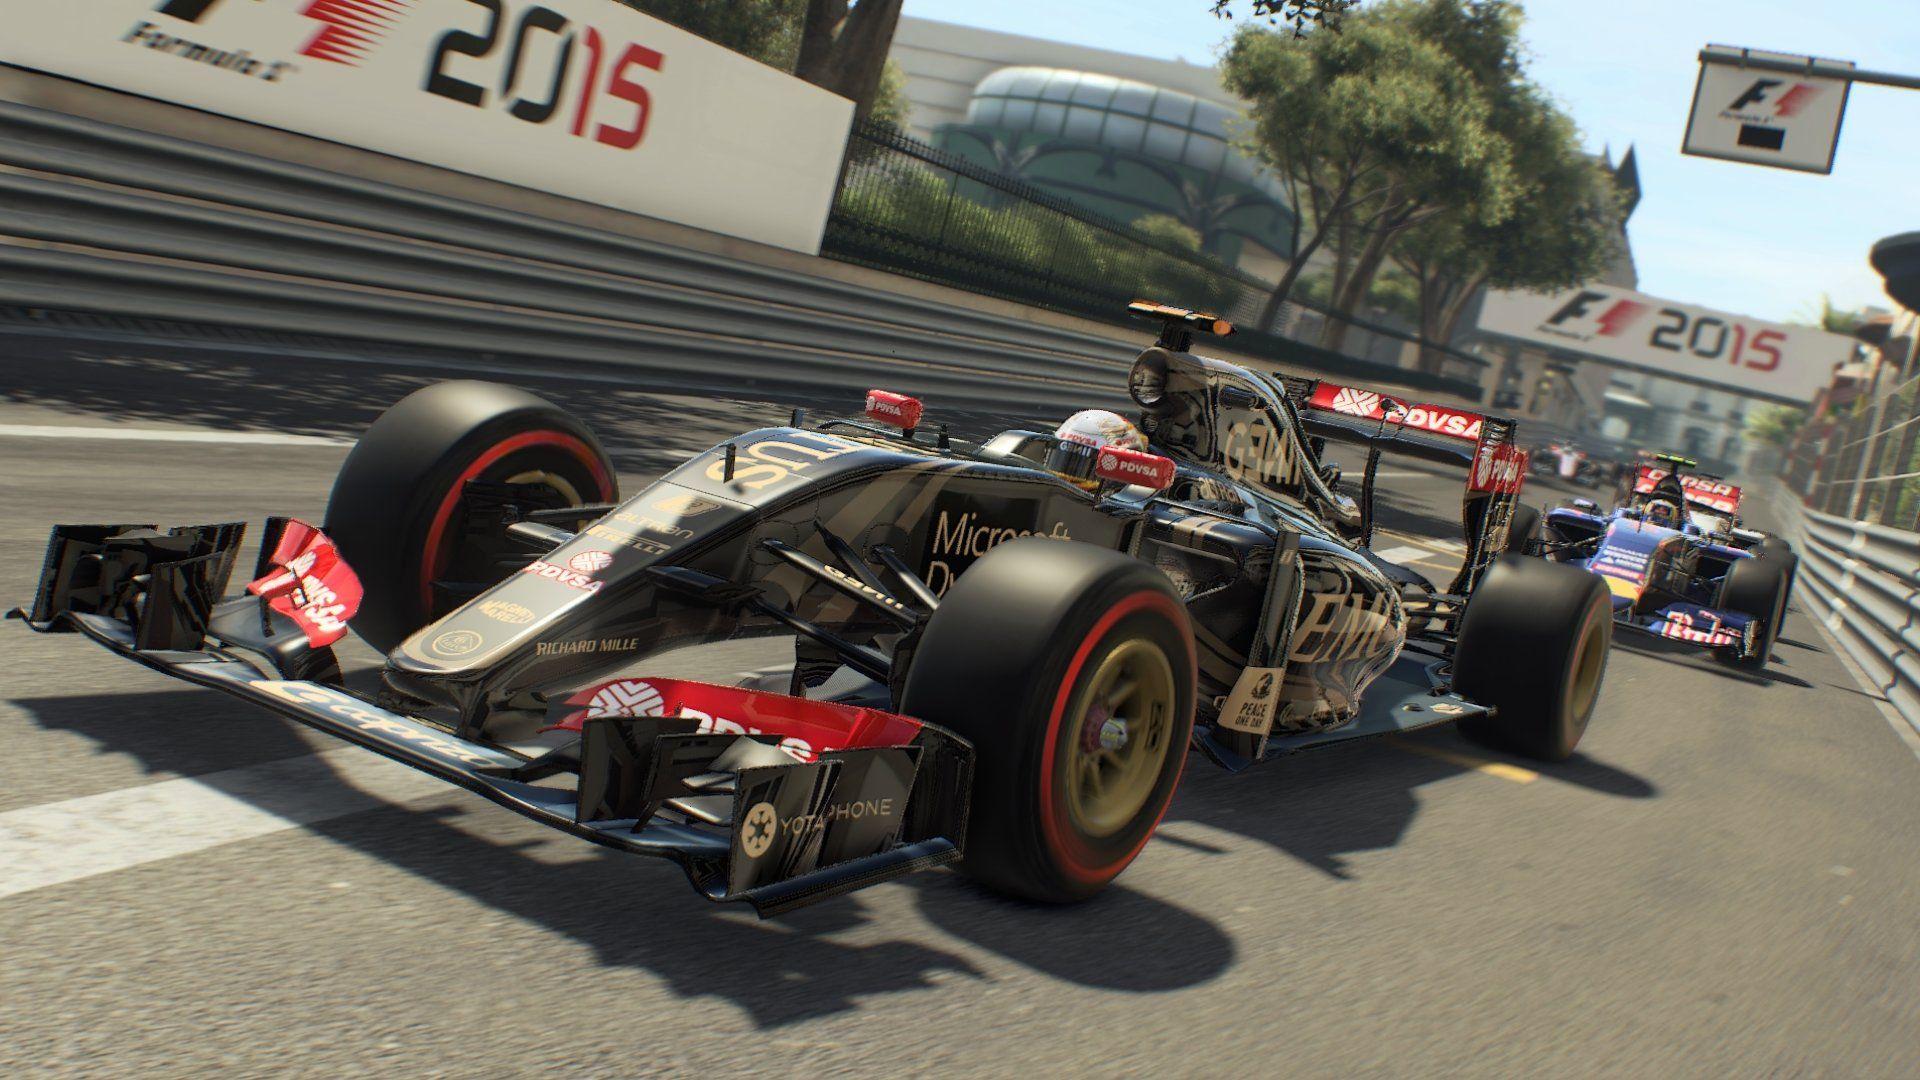 F1 2015 (PS4) - 11